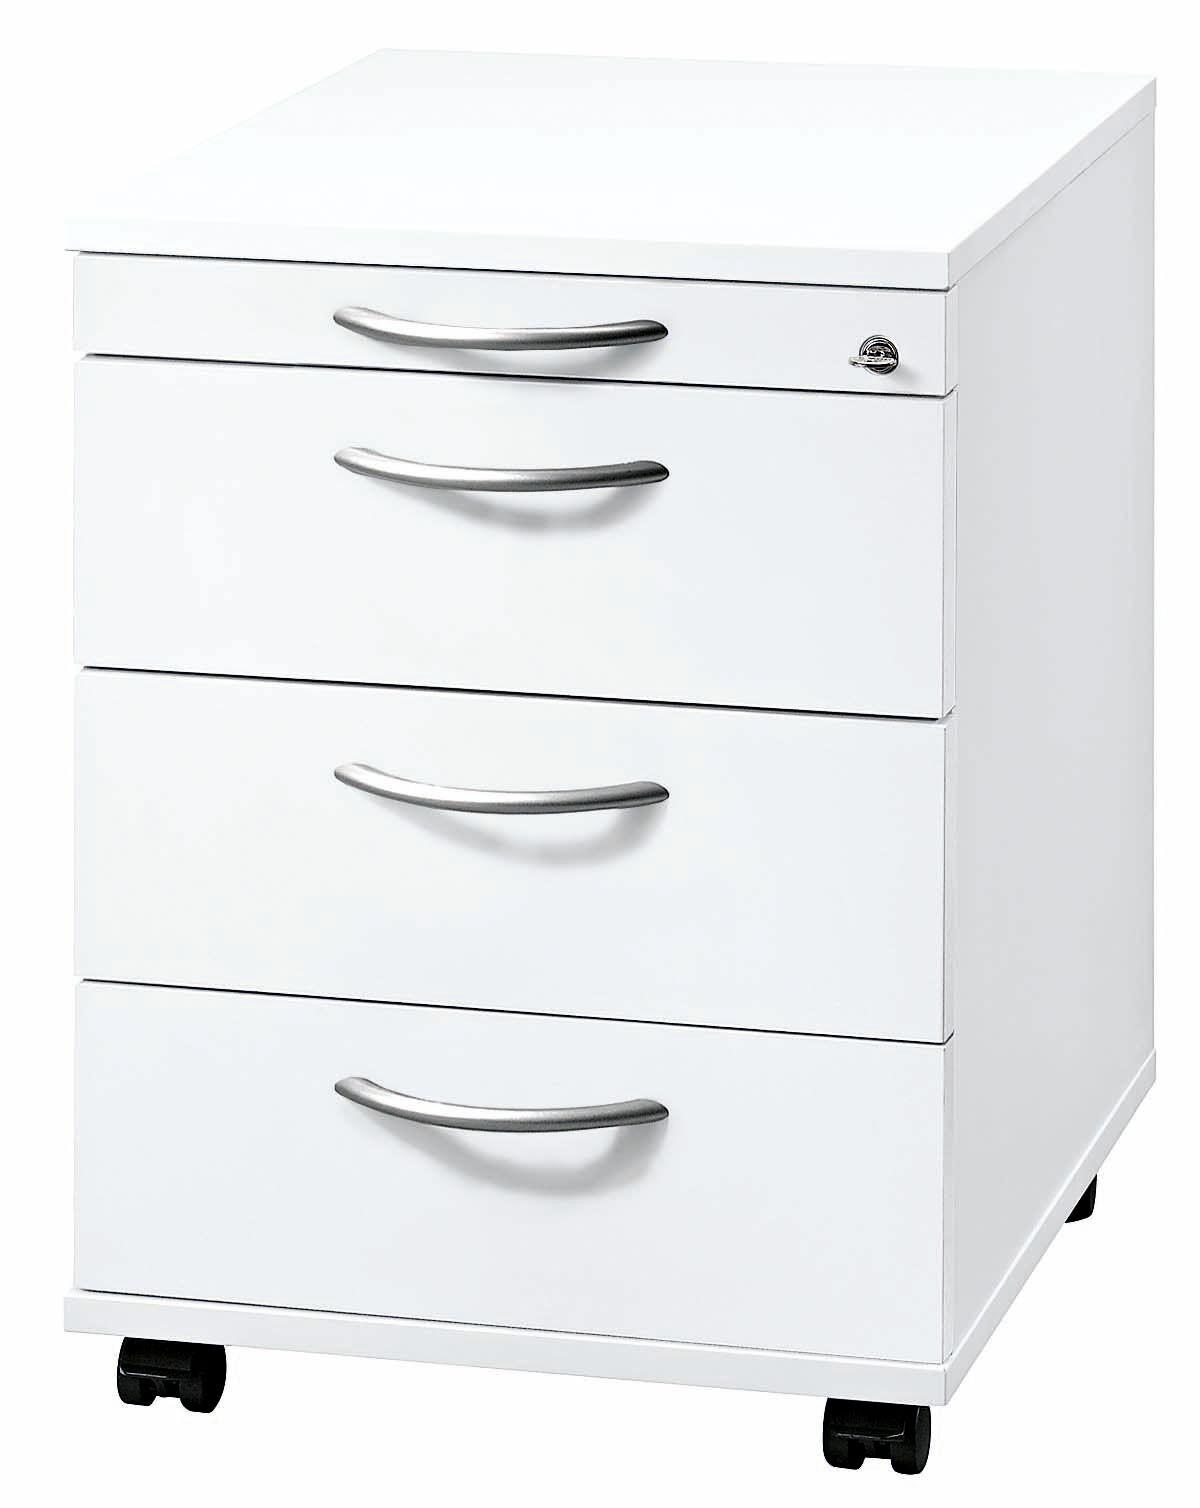 """Rollcontainer abschließbar Weiß 42,8x58x59 cm /""""Alton/"""" mit Bogengriff"""